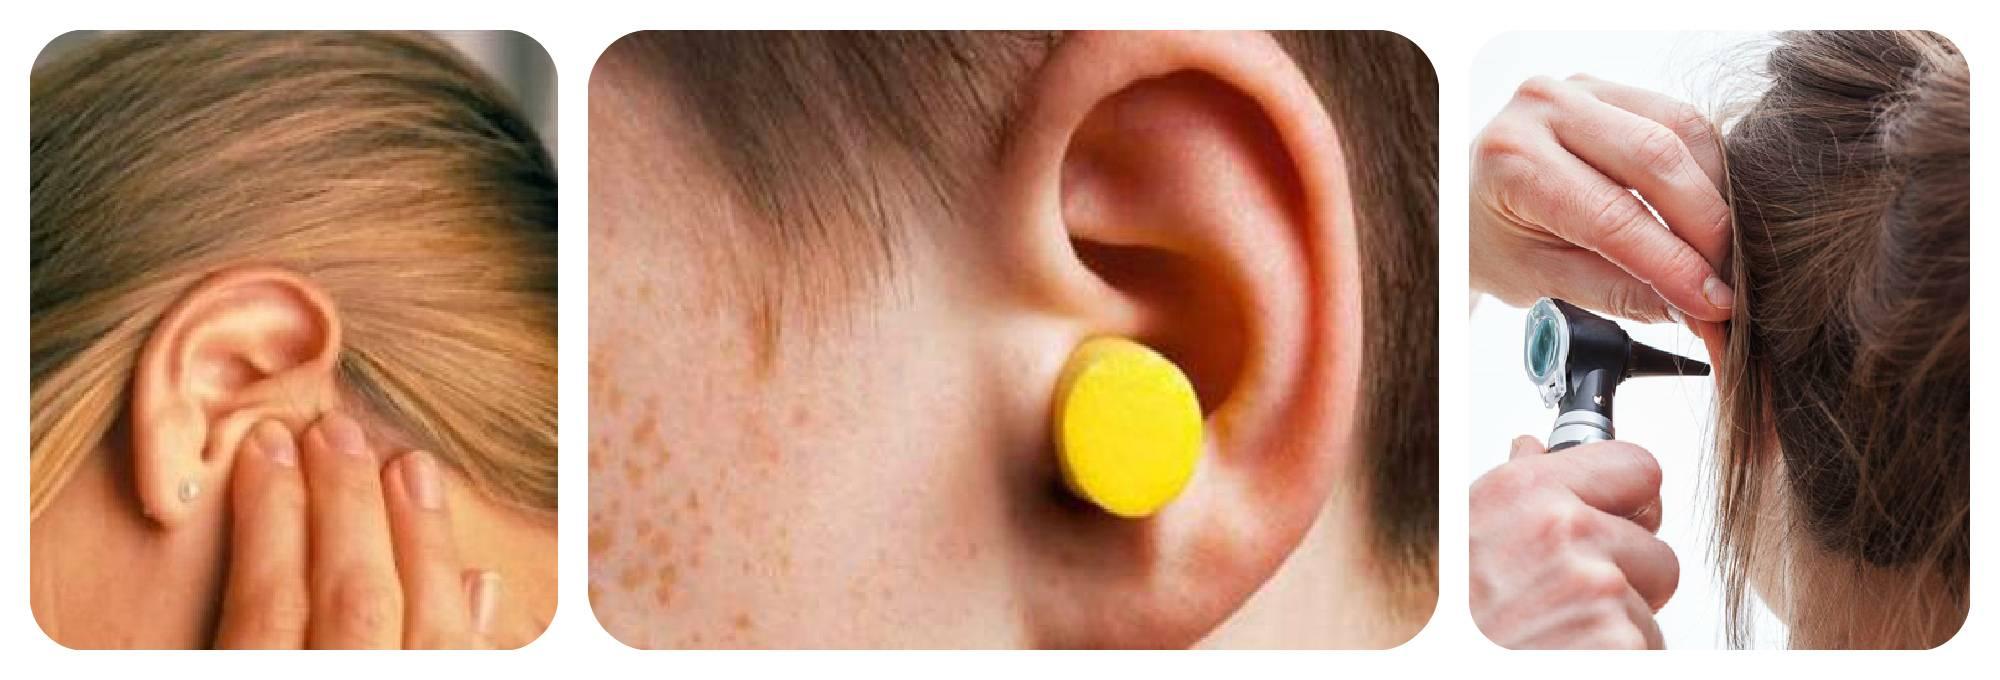 как избавиться от серы в ушах